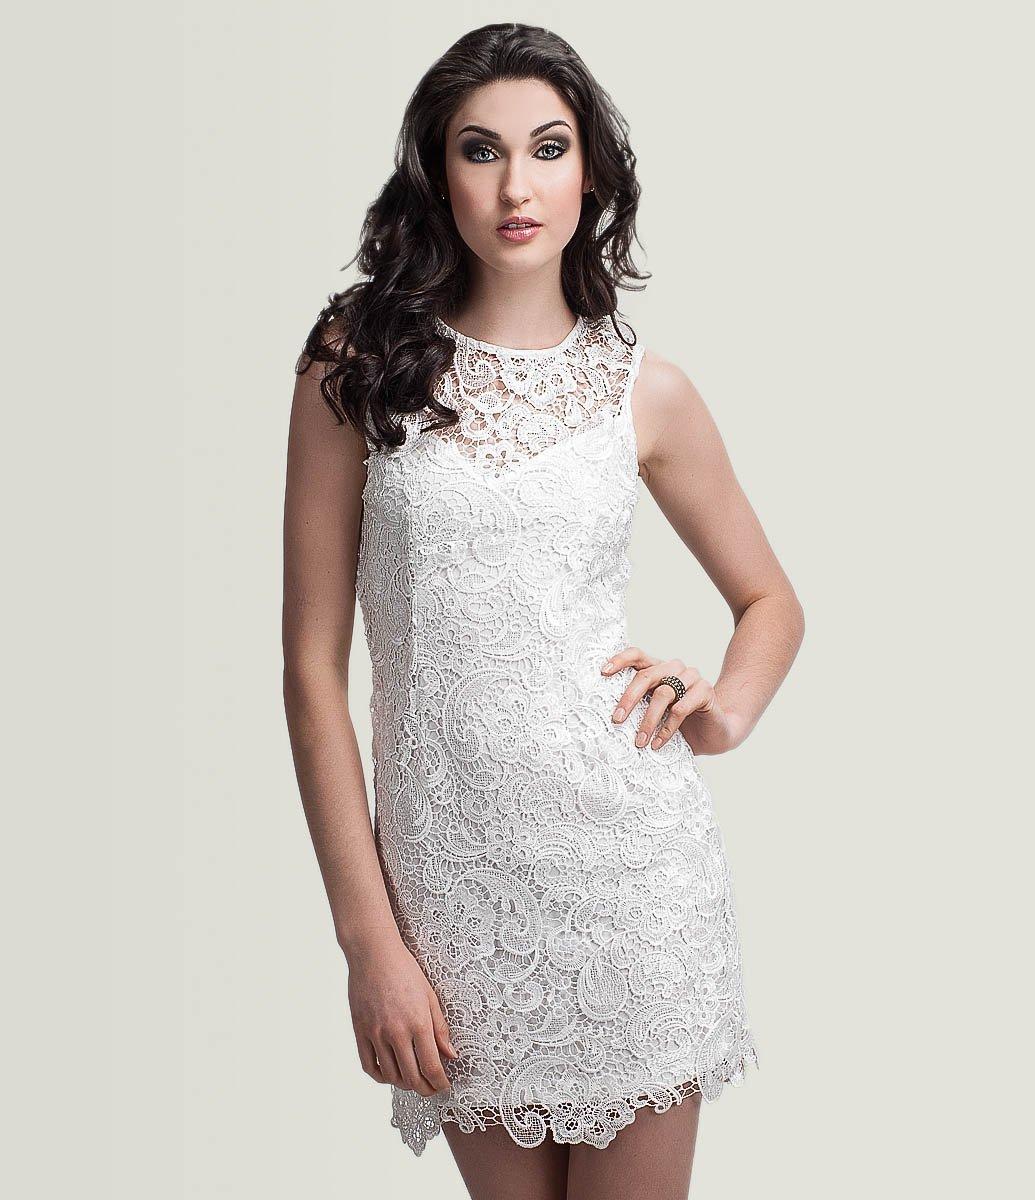 modelos vestidos guipir